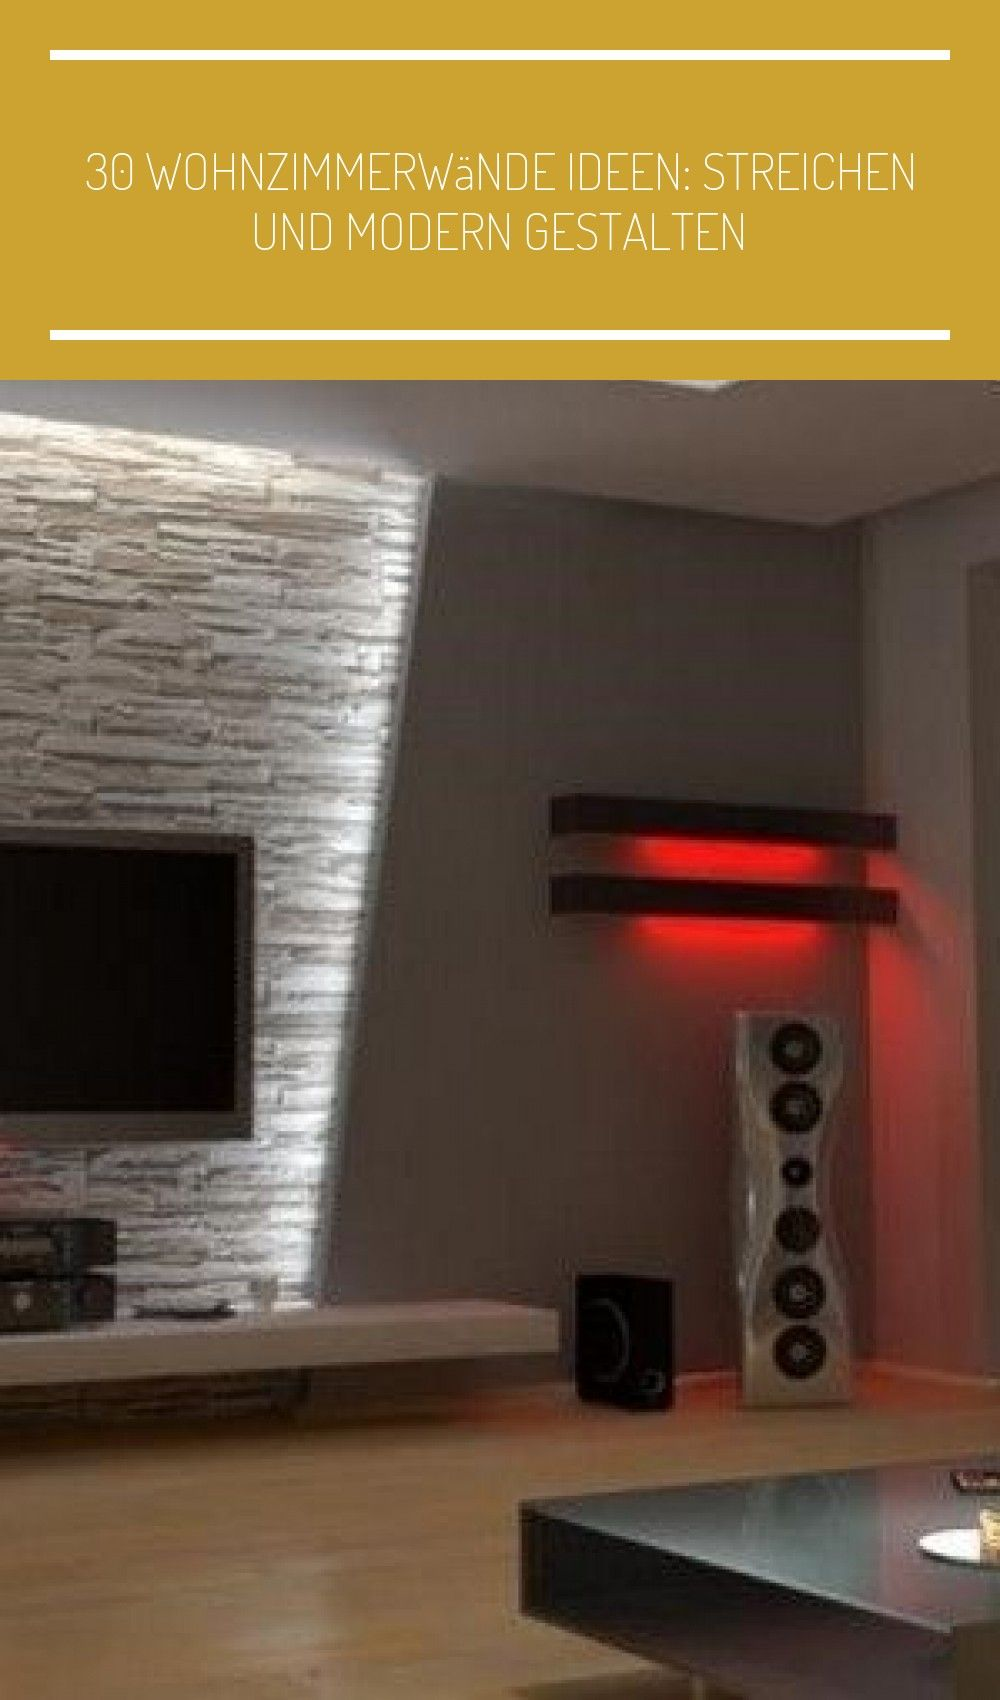 Indirekte Led Wandbeleuchtung Im Wohnzimmer Hinter Fernseher Wohn Esszimmer Beleuchtung Wandgestaltung Im Wohnzimmer In 2020 Crochet Basics Motif Design Crochet Round